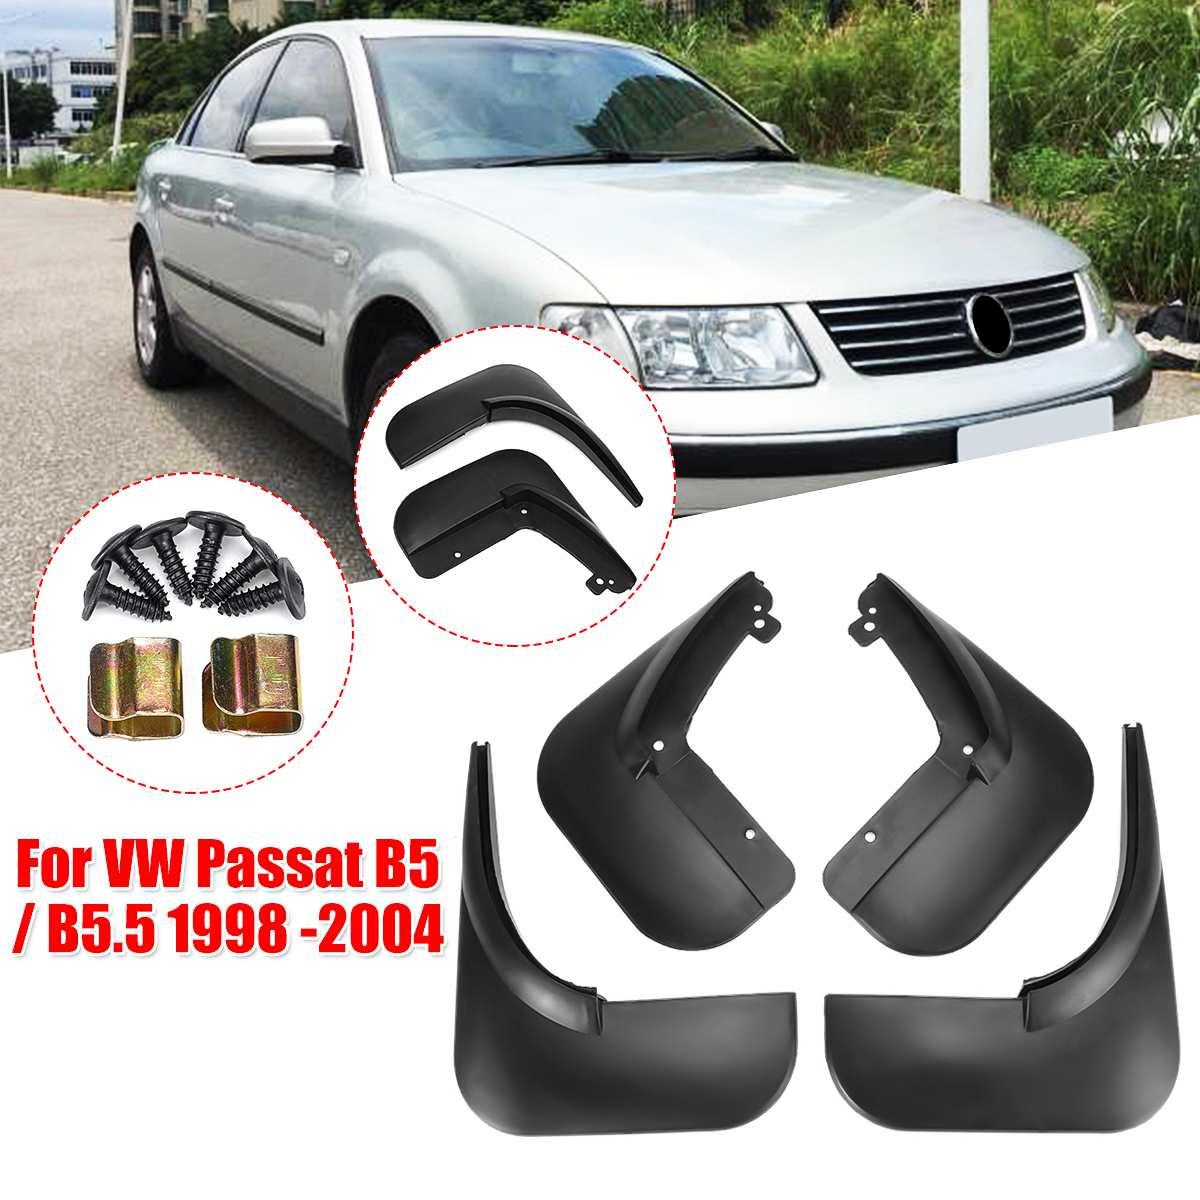 Брызговики для VW Passat/B5/B5.5 1998-2004 Брызговики спереди и сзади брызговик Fender крылья 2003 2002 2001 2000 1999